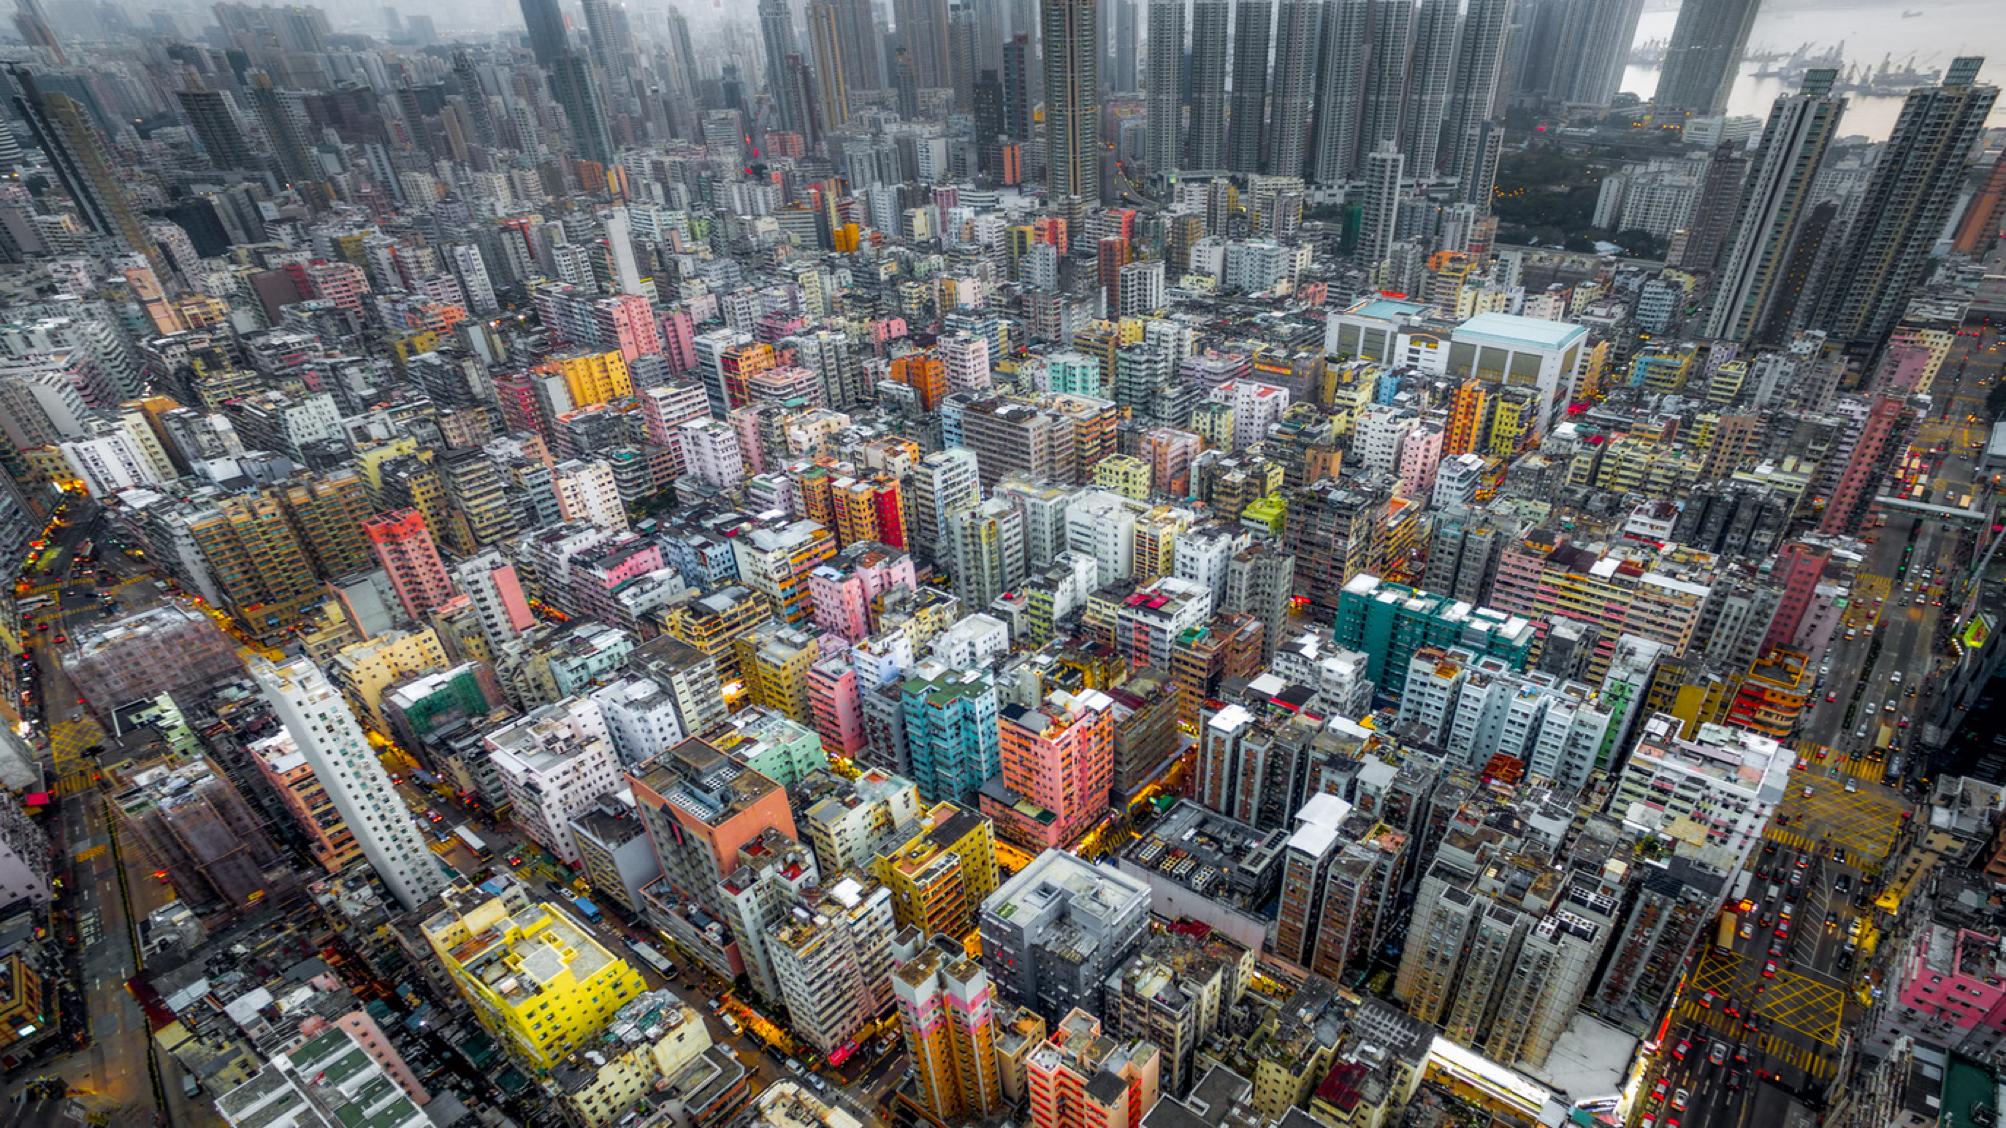 城市的高密度狂欢,差不多得了